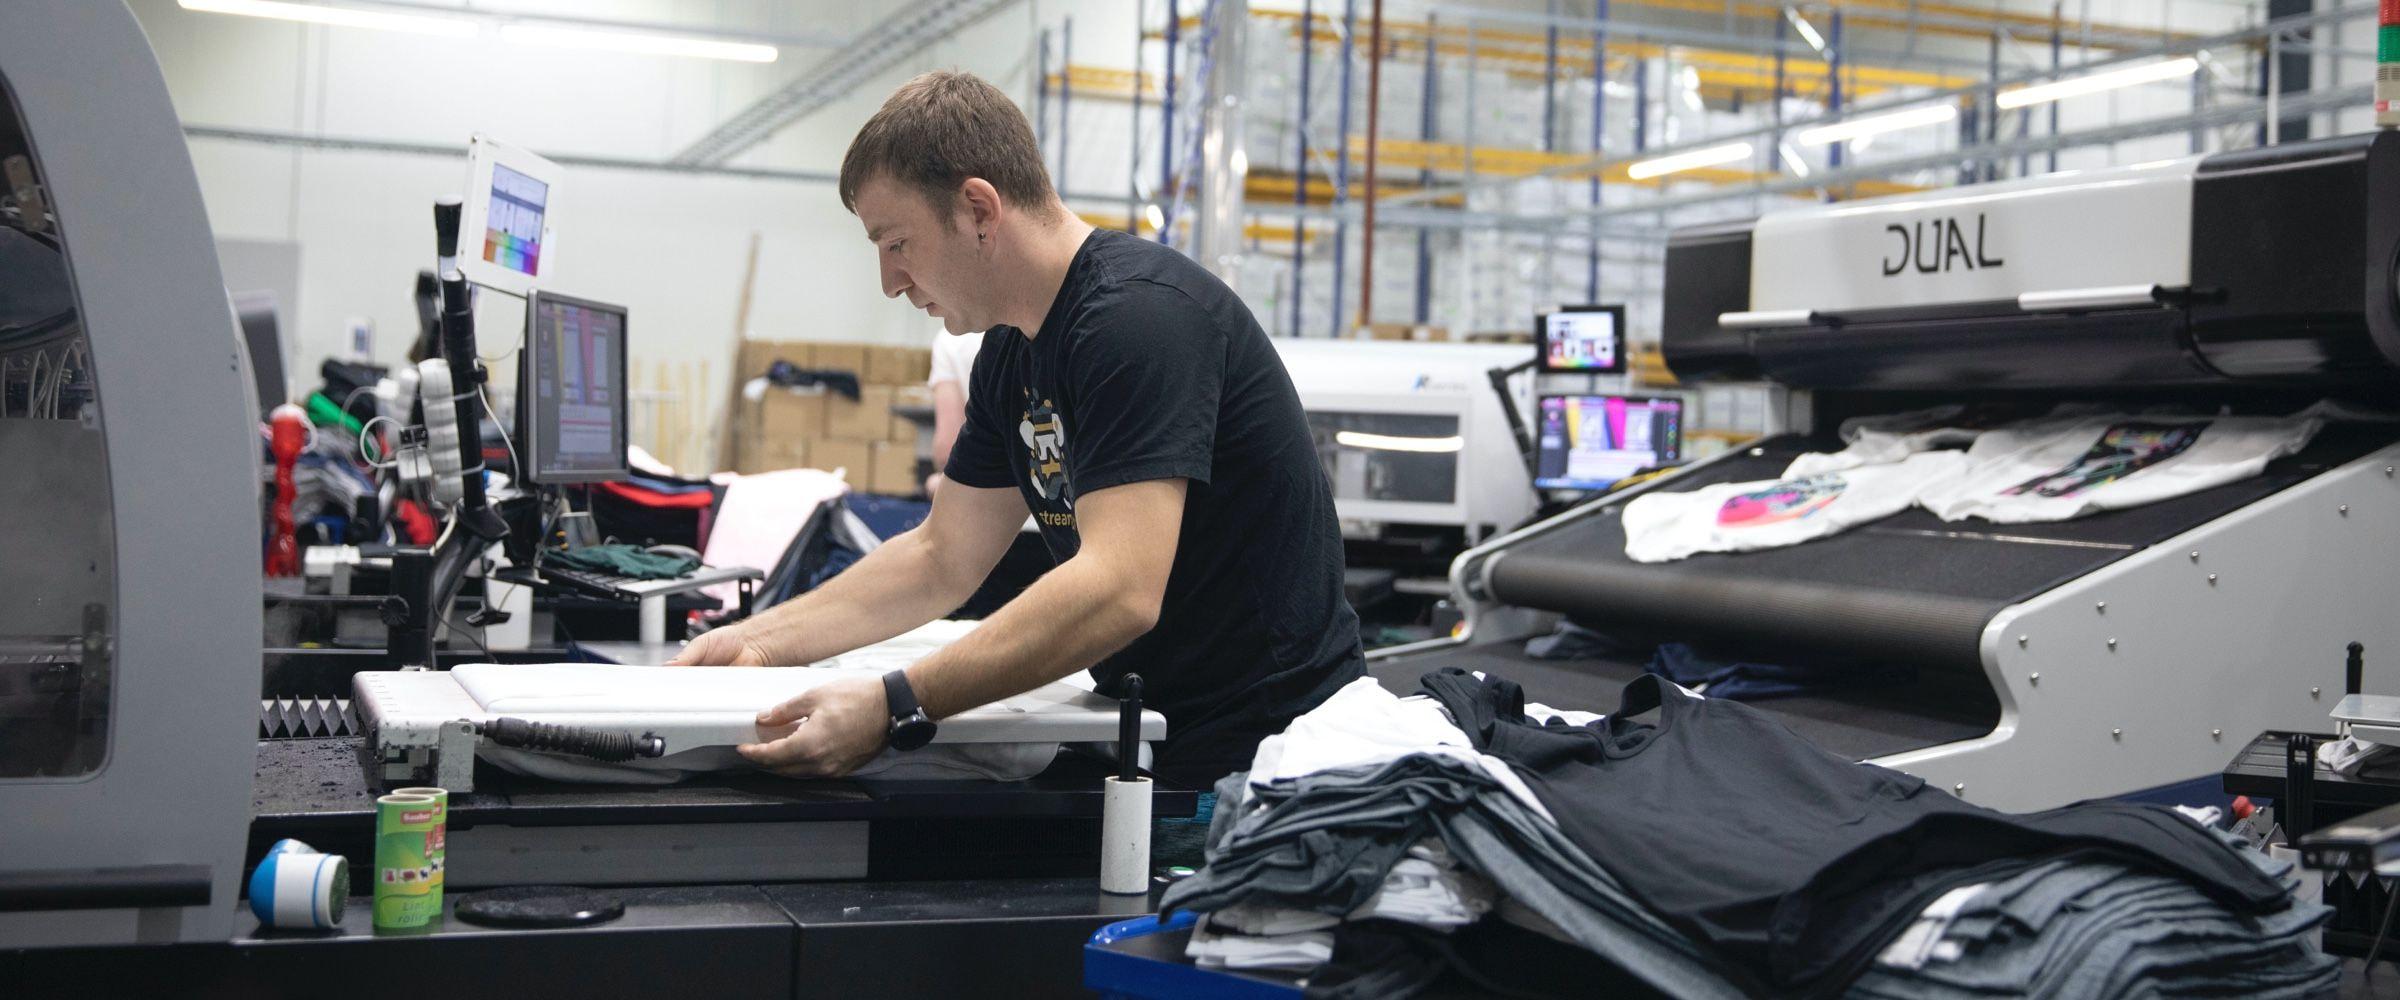 personalización de productos printful